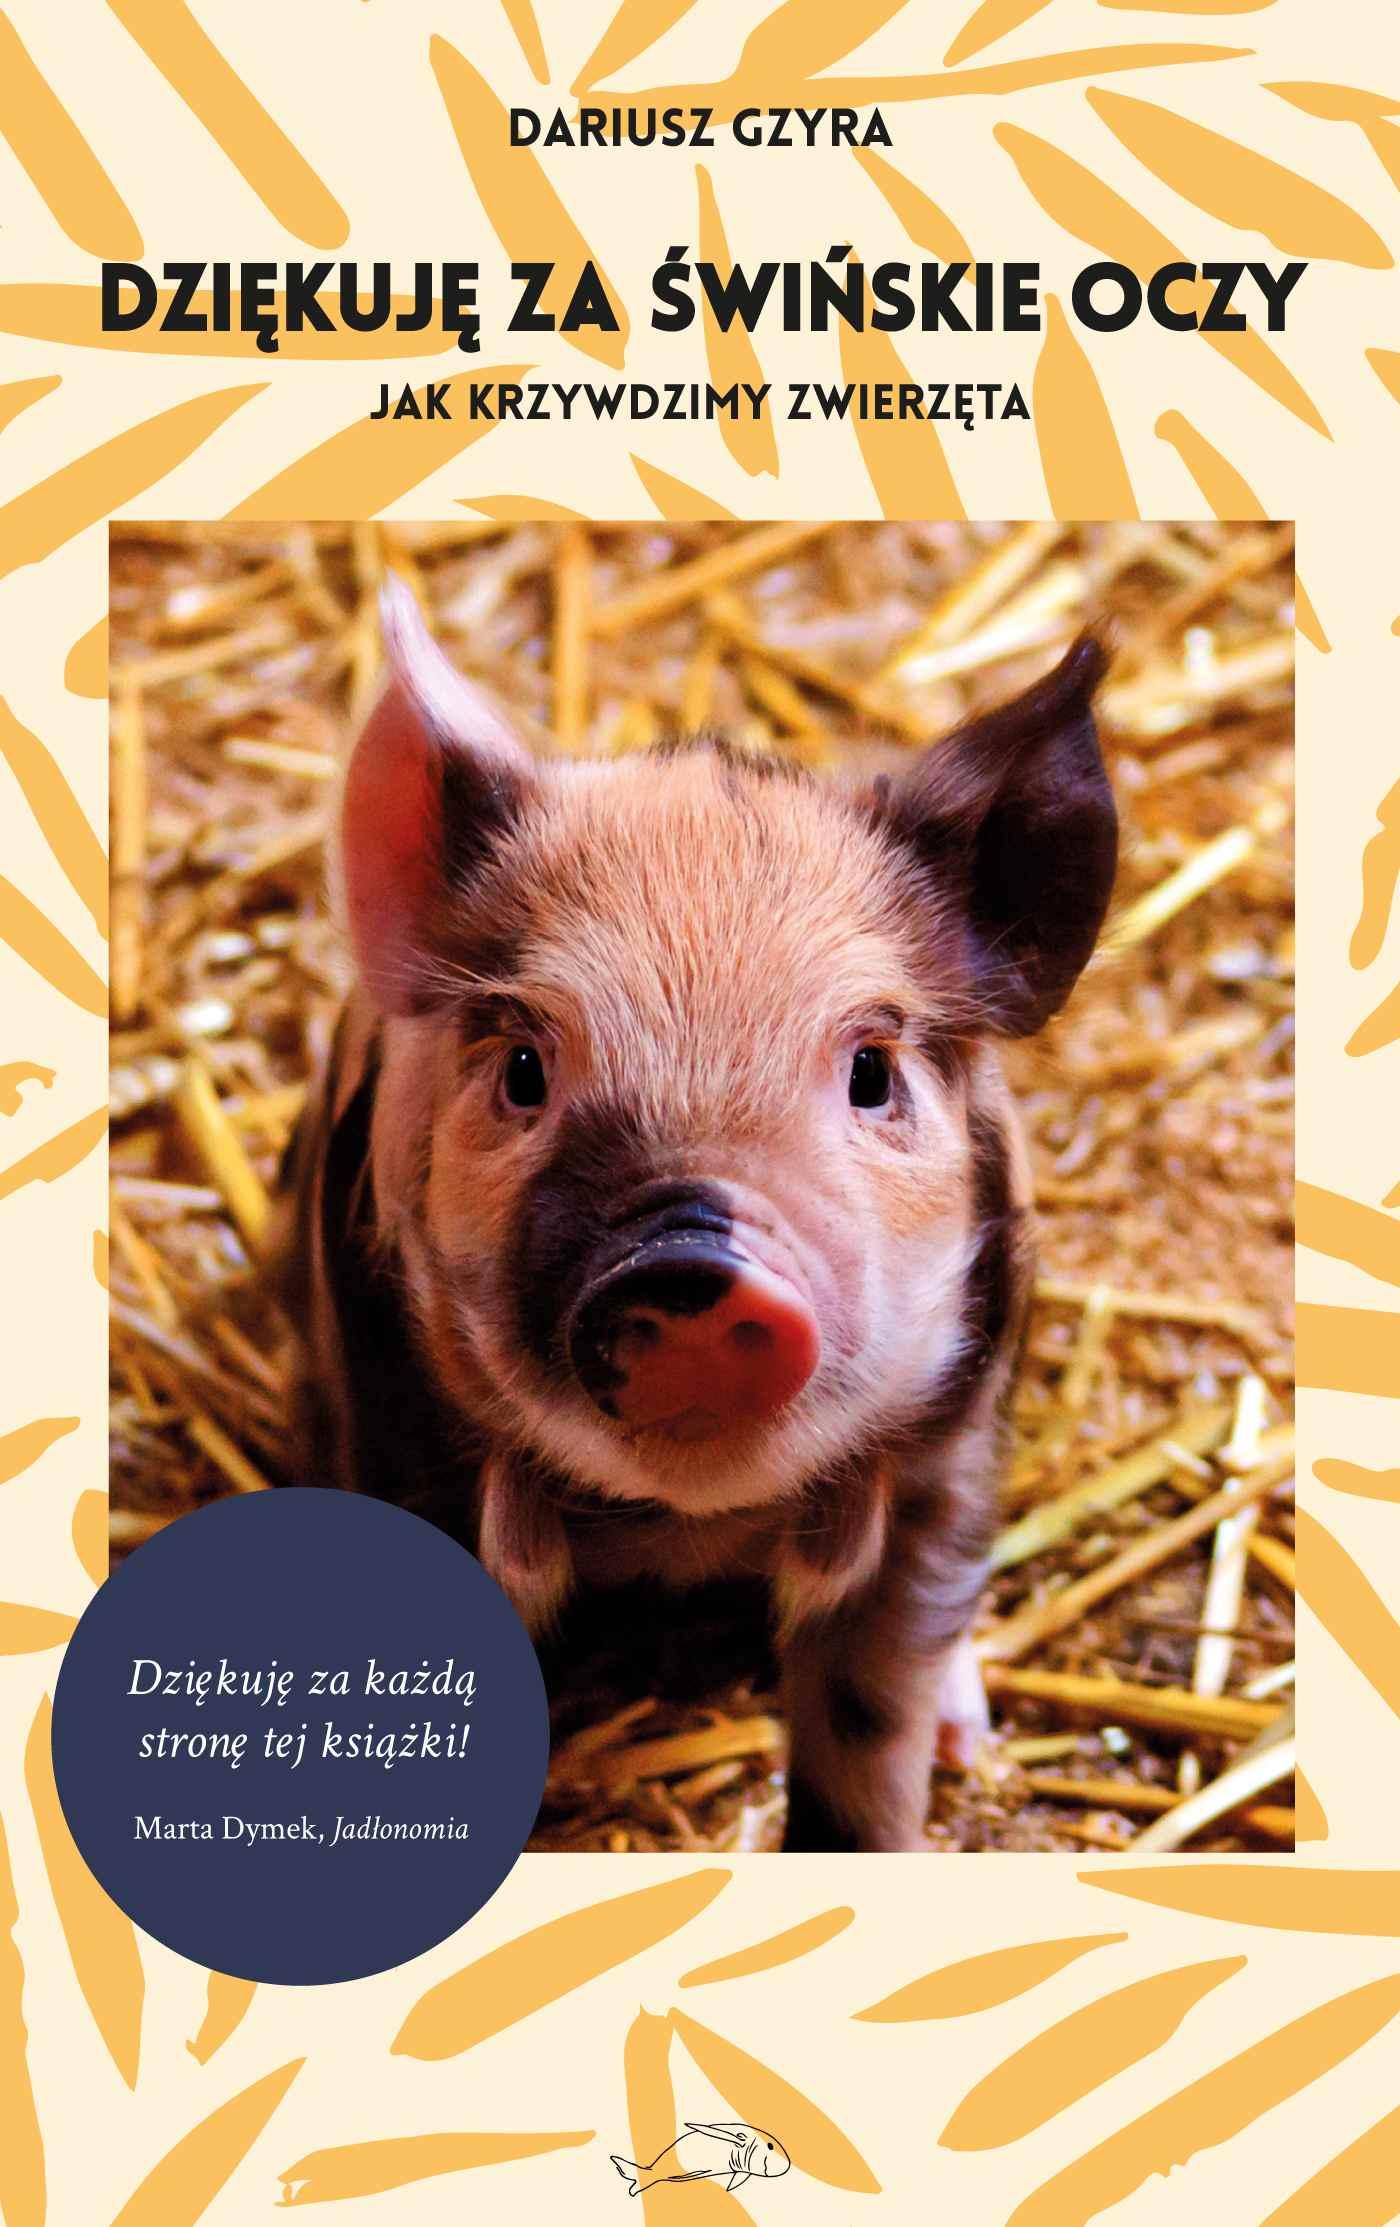 Dziękuję za świńskie oczy. Jak krzywdzimy zwierzęta - Ebook (Książka EPUB) do pobrania w formacie EPUB